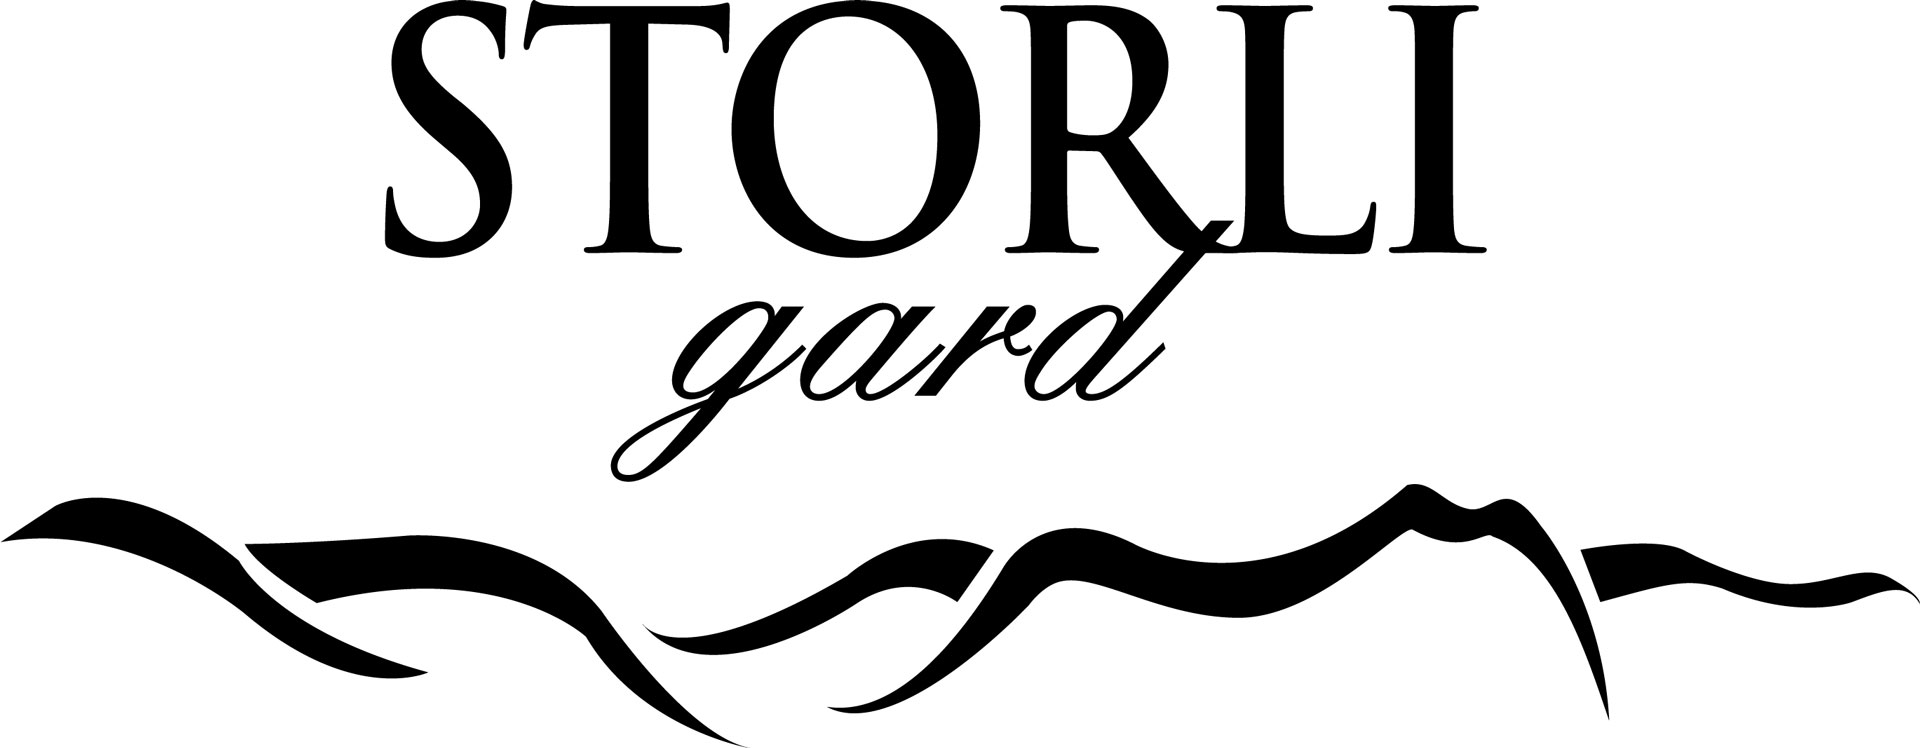 Storli Gard